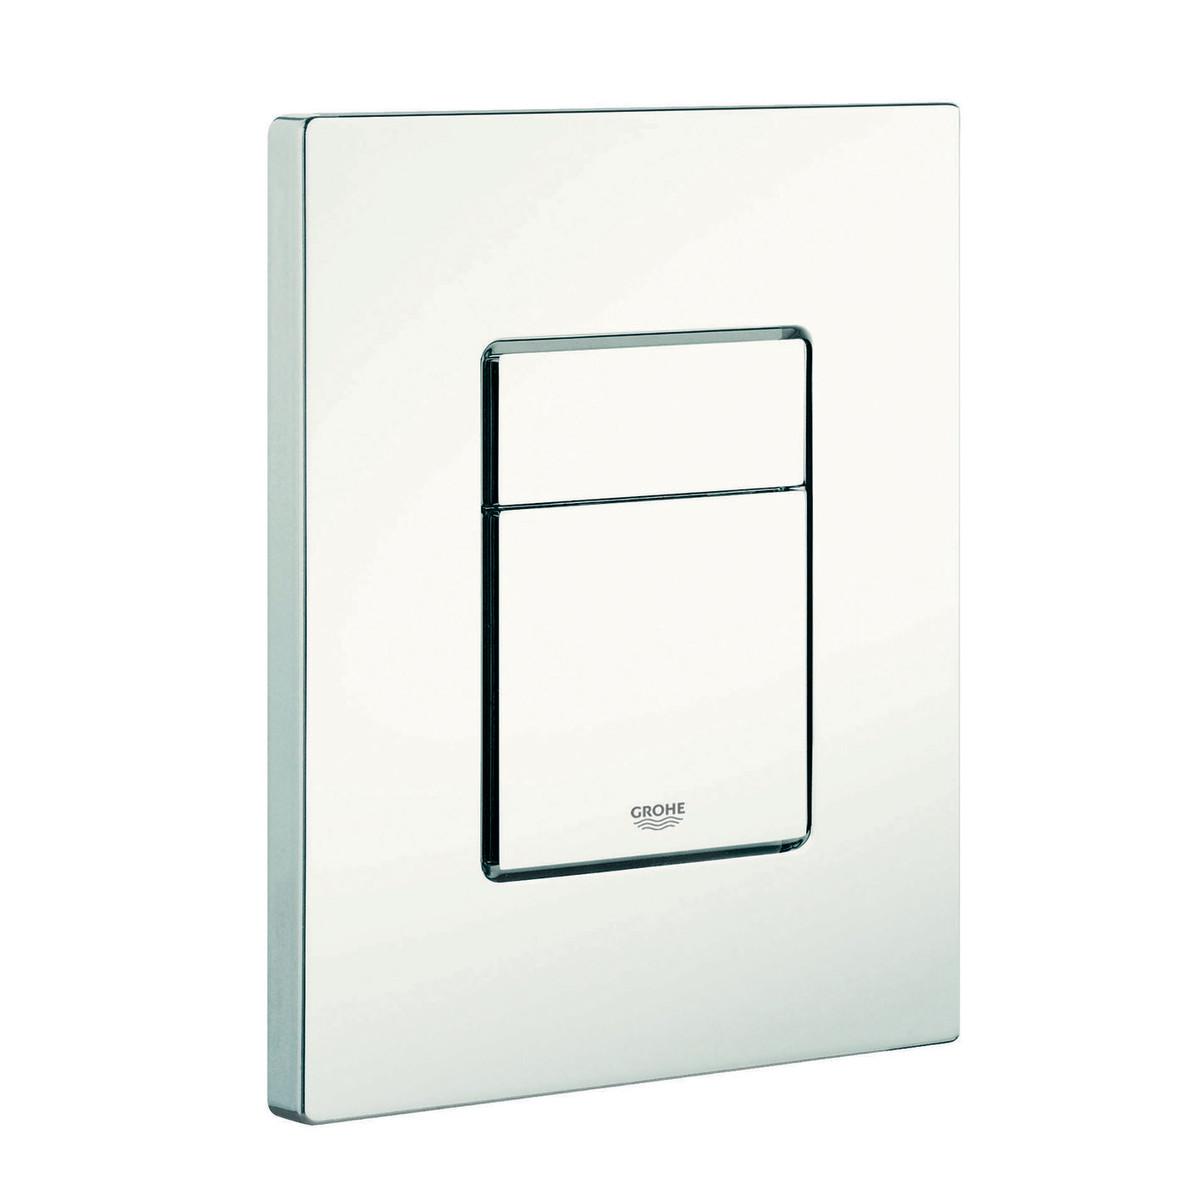 Grohe essential 40374000 accessorio bagno porta scopino prezzo e offerte sottocosto - Accessori bagno grohe ...